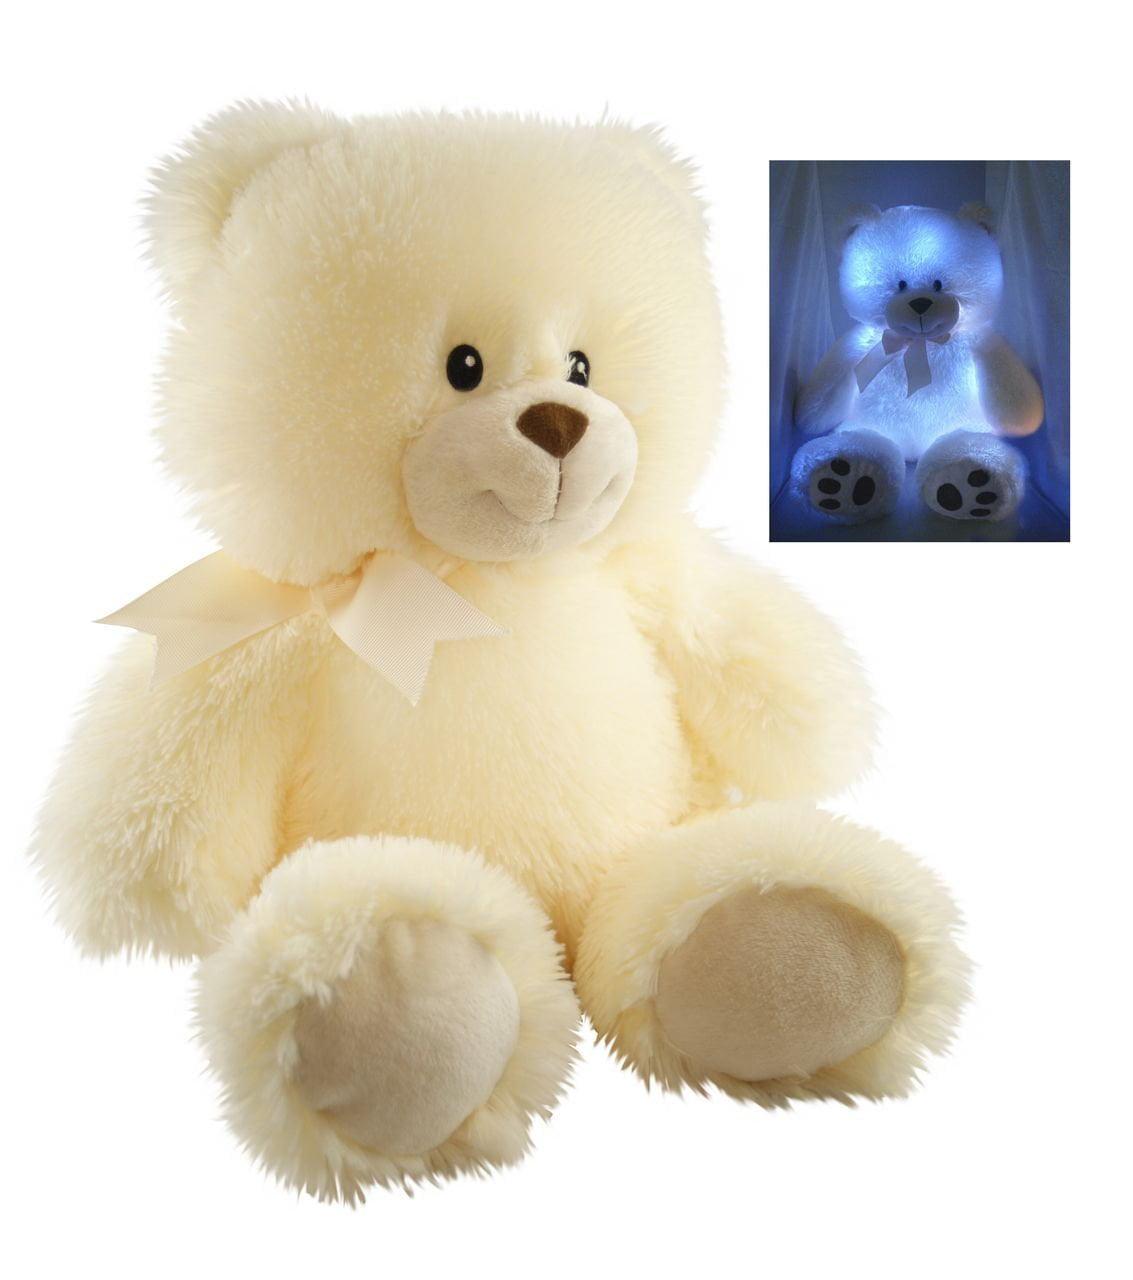 Cuddle Barn New Nite Brite Pals Stuffed Toy Teddy Bear Cuddles the Cub by Cuddle Barn